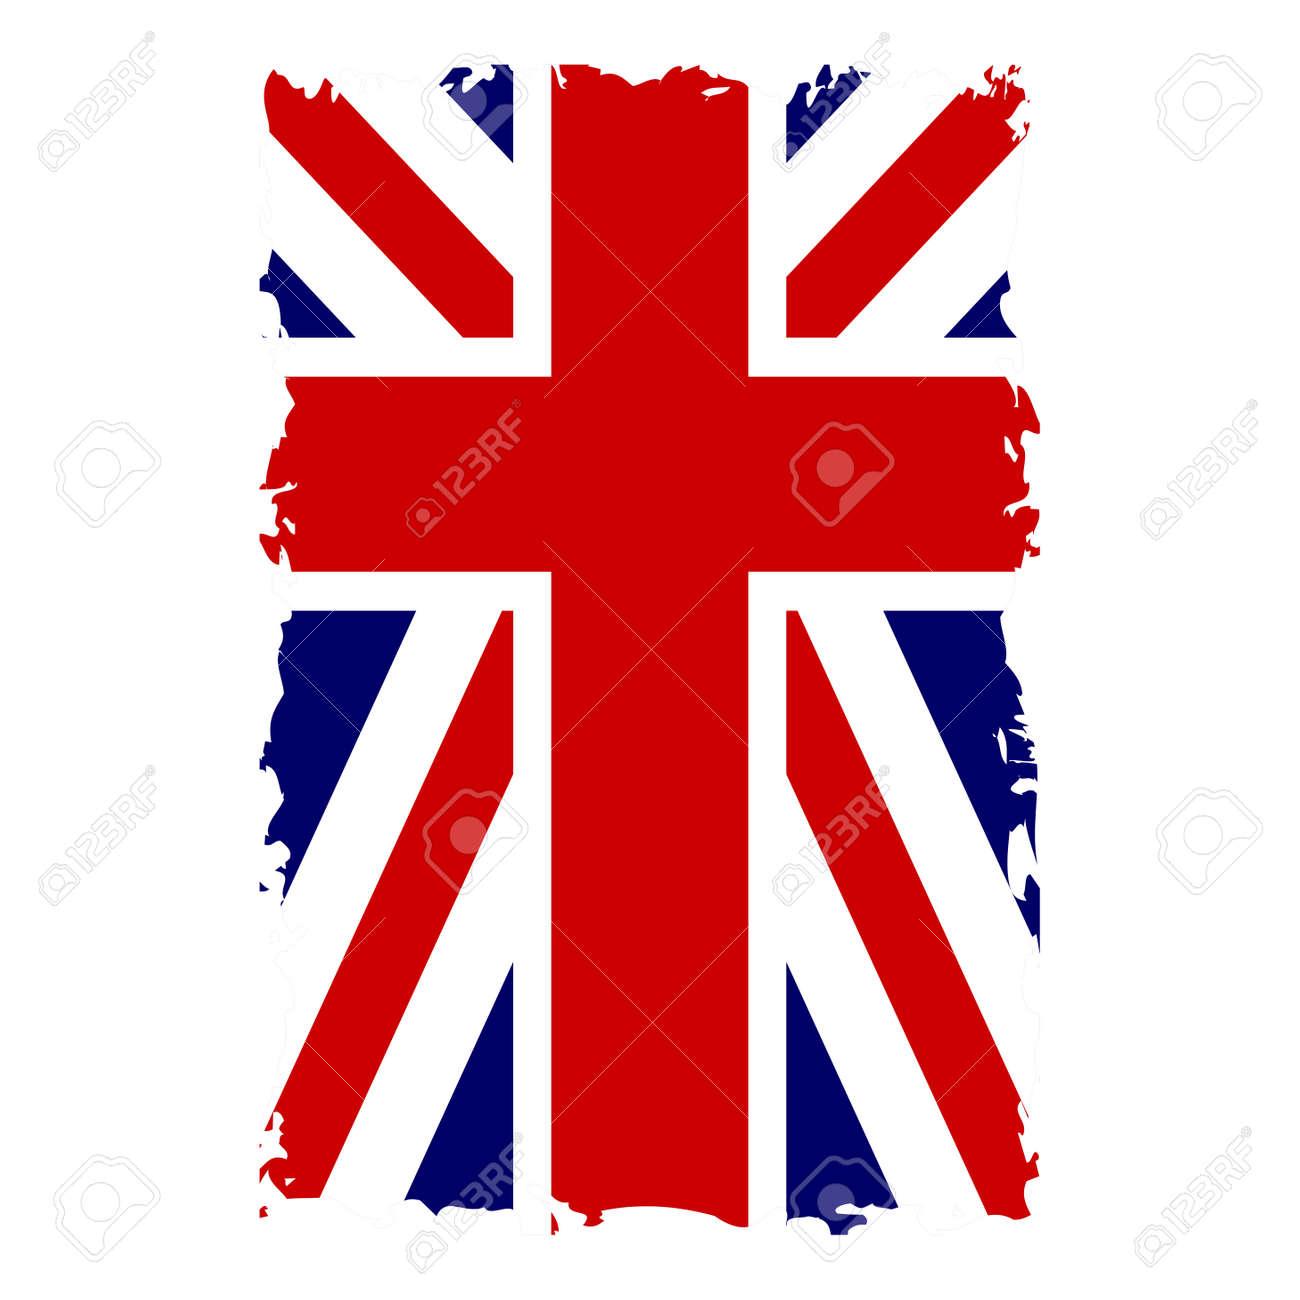 Vettoriale Bandiera Britannica Verticale Grunge Vecchio Stile